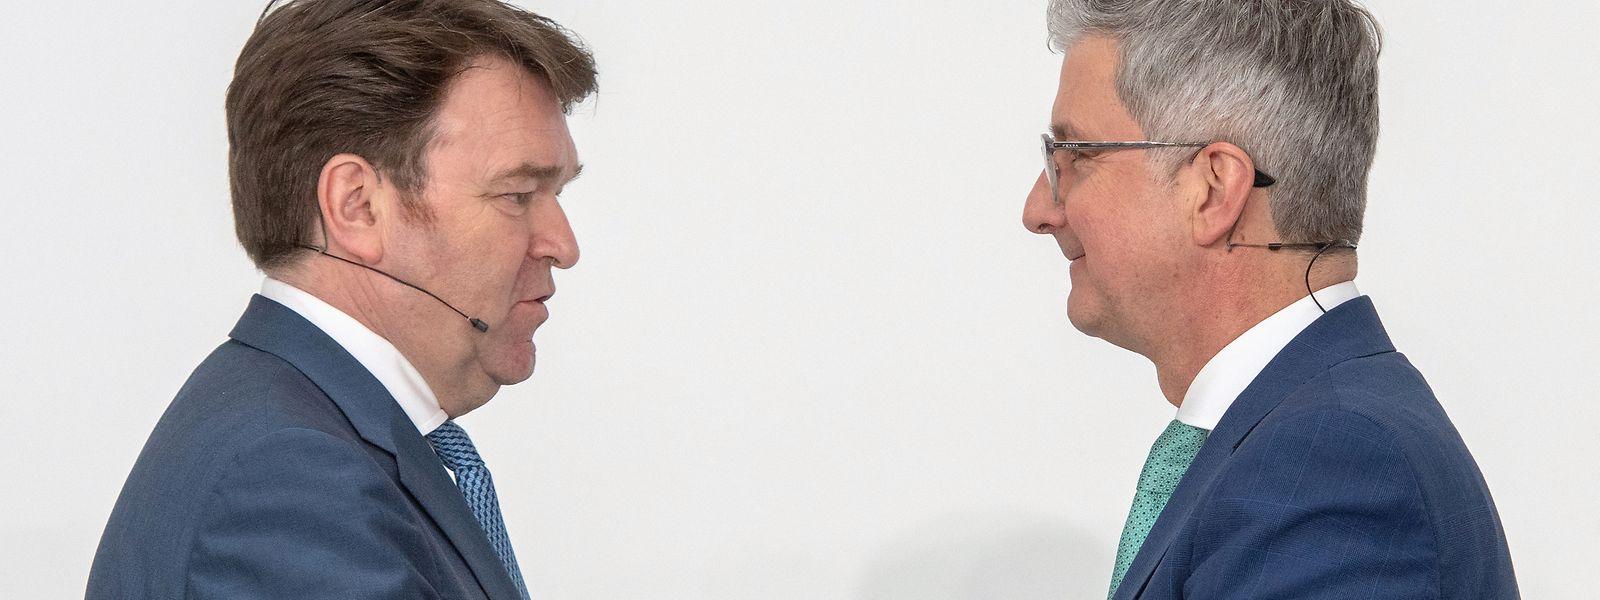 Bram Schot (l) und Rupert Stadler, ehemaliger Vorstandsvorsitzender des Fahrzeugherstellers Audi AG.